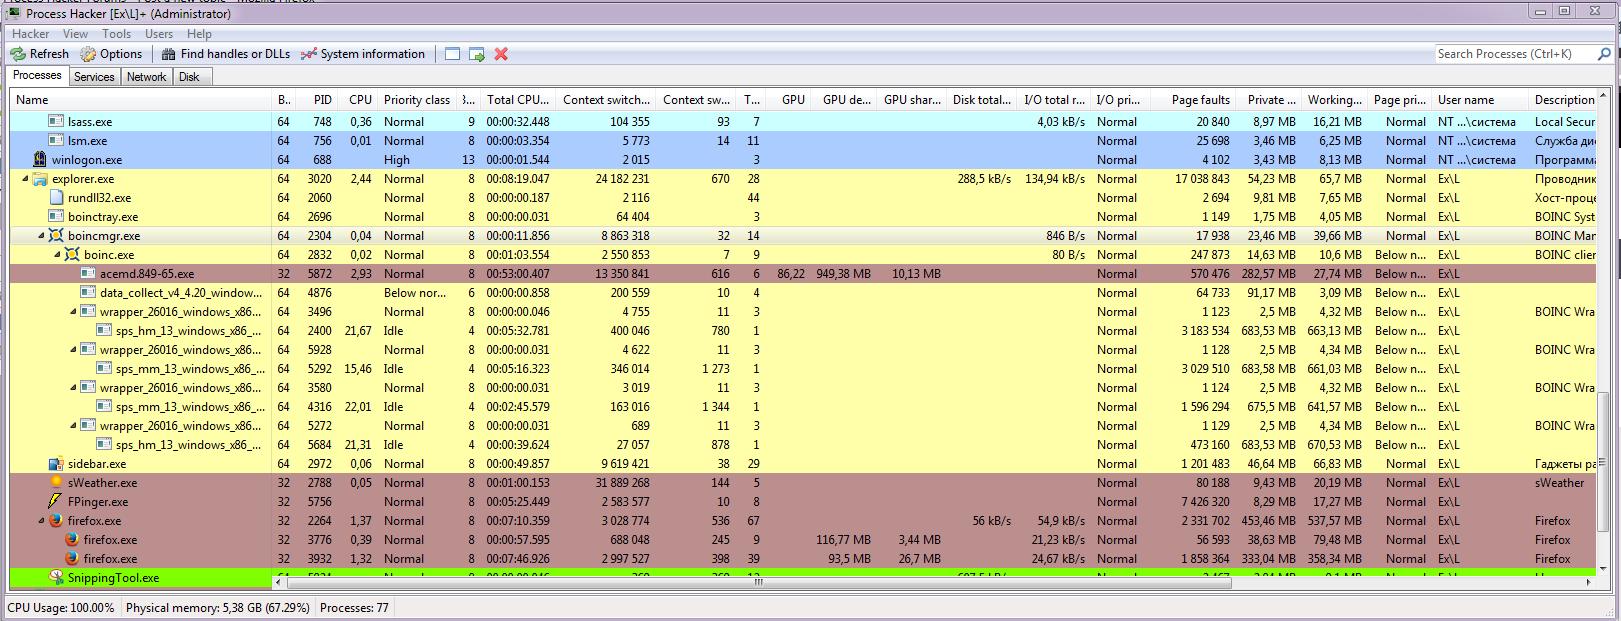 Как исправить проблемы, связанные с rundll32.exe-f452d79d.pf? [решено]